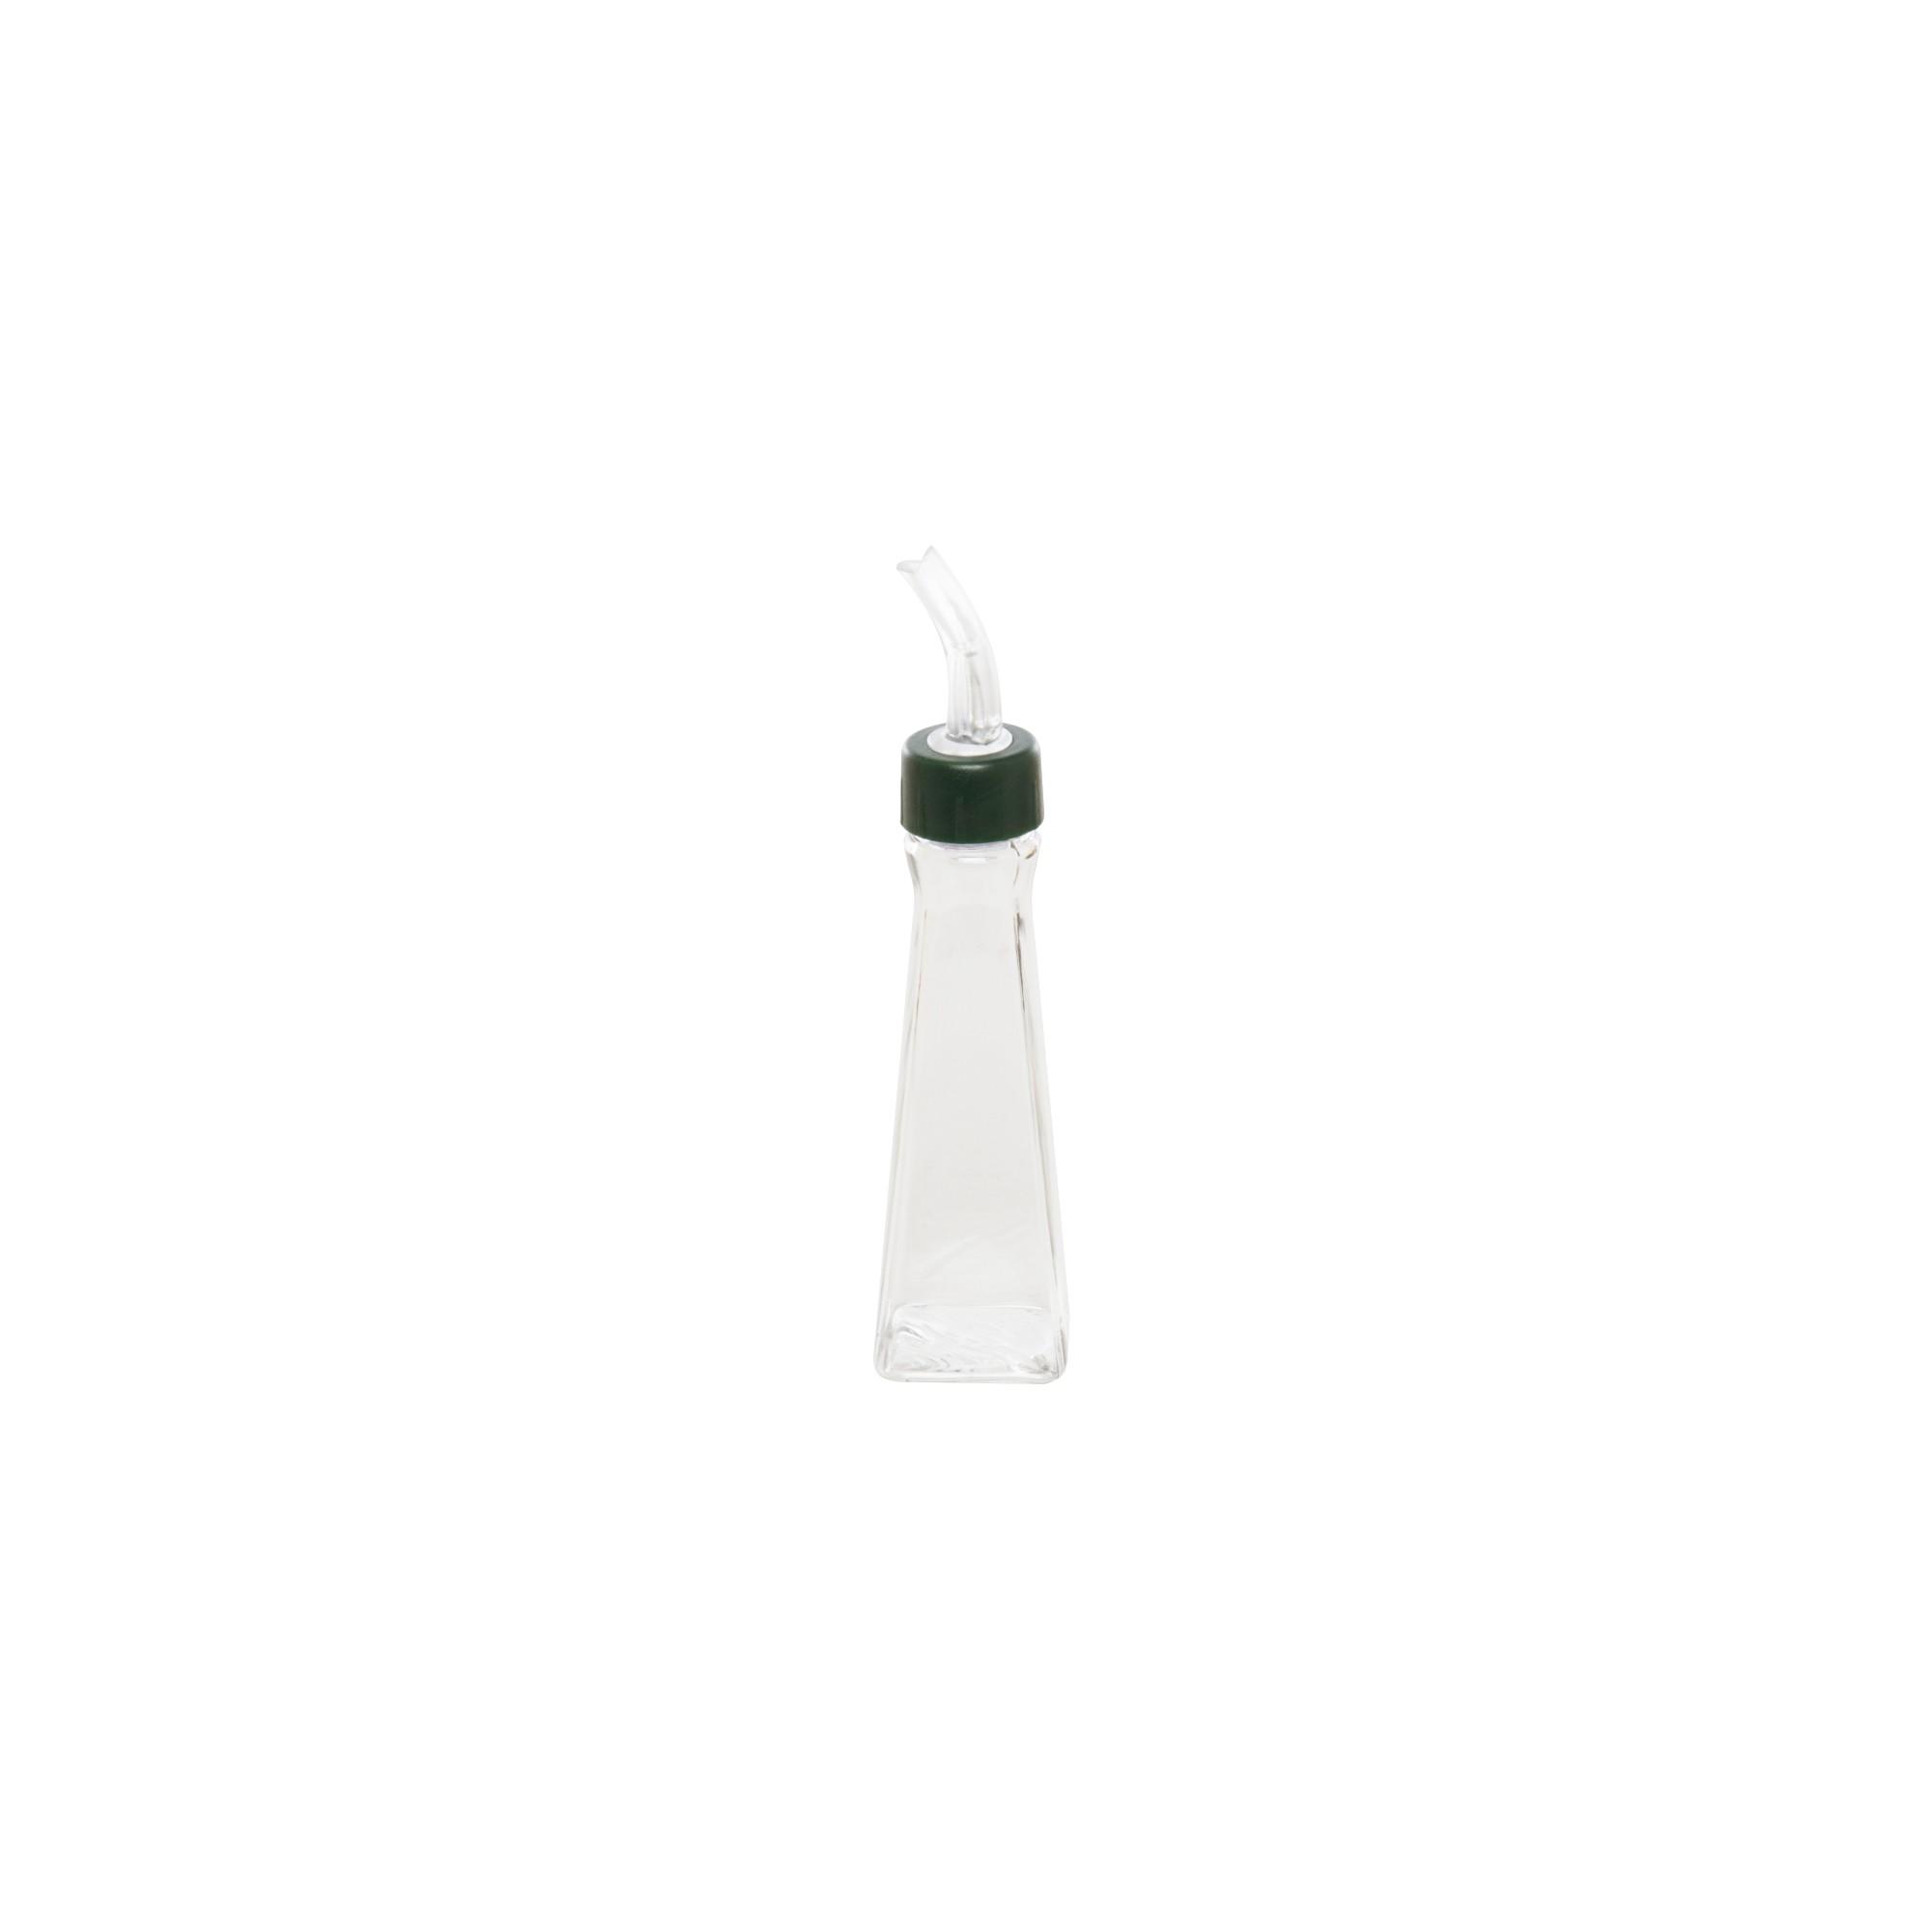 Galheteiro Plastico para Azeite - VEM995